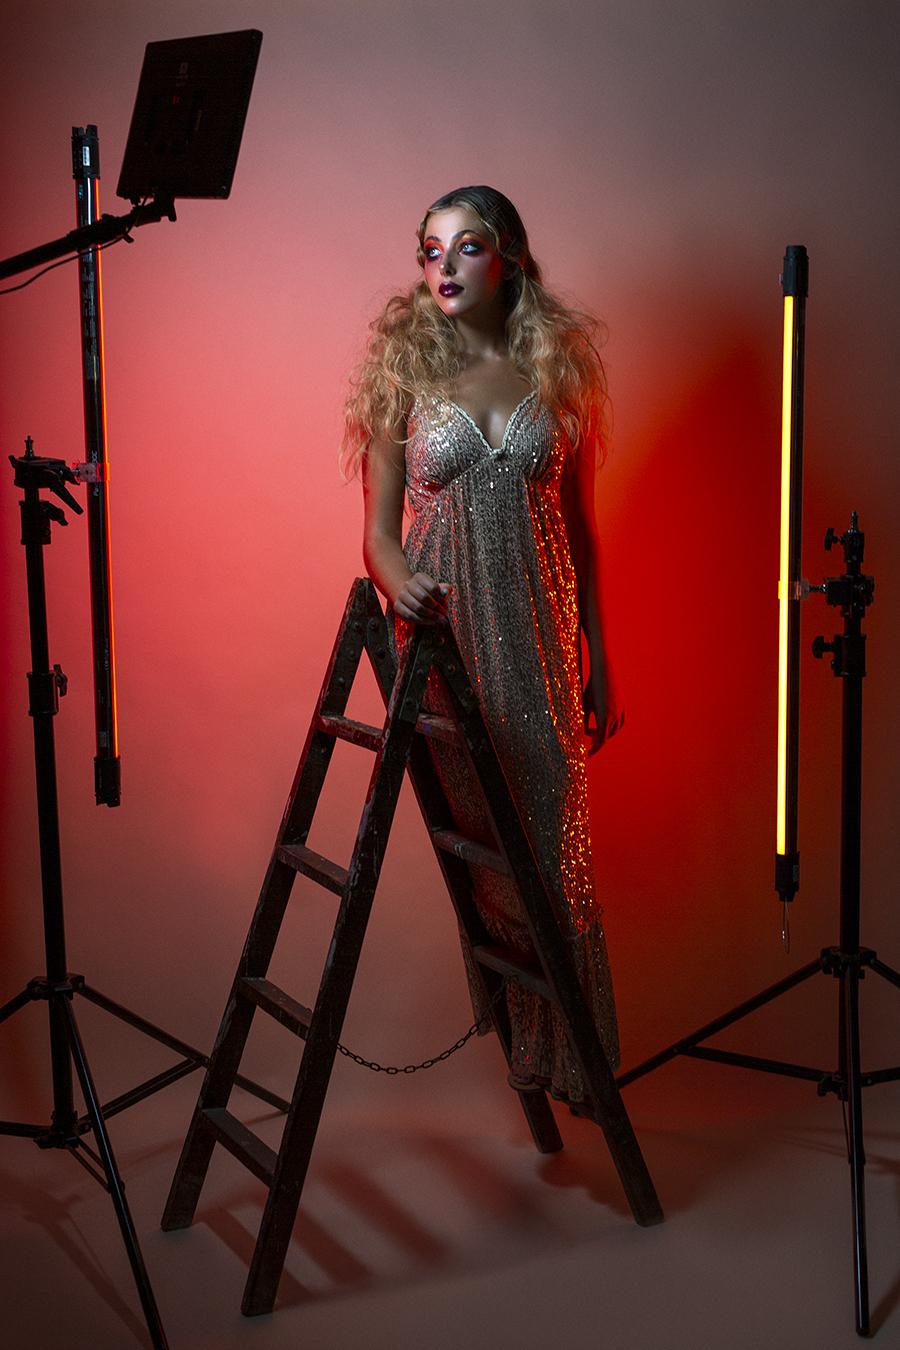 Workshop de retrato en estudio con luz led - Workshop de retrato en estudio con luz led | Madrid